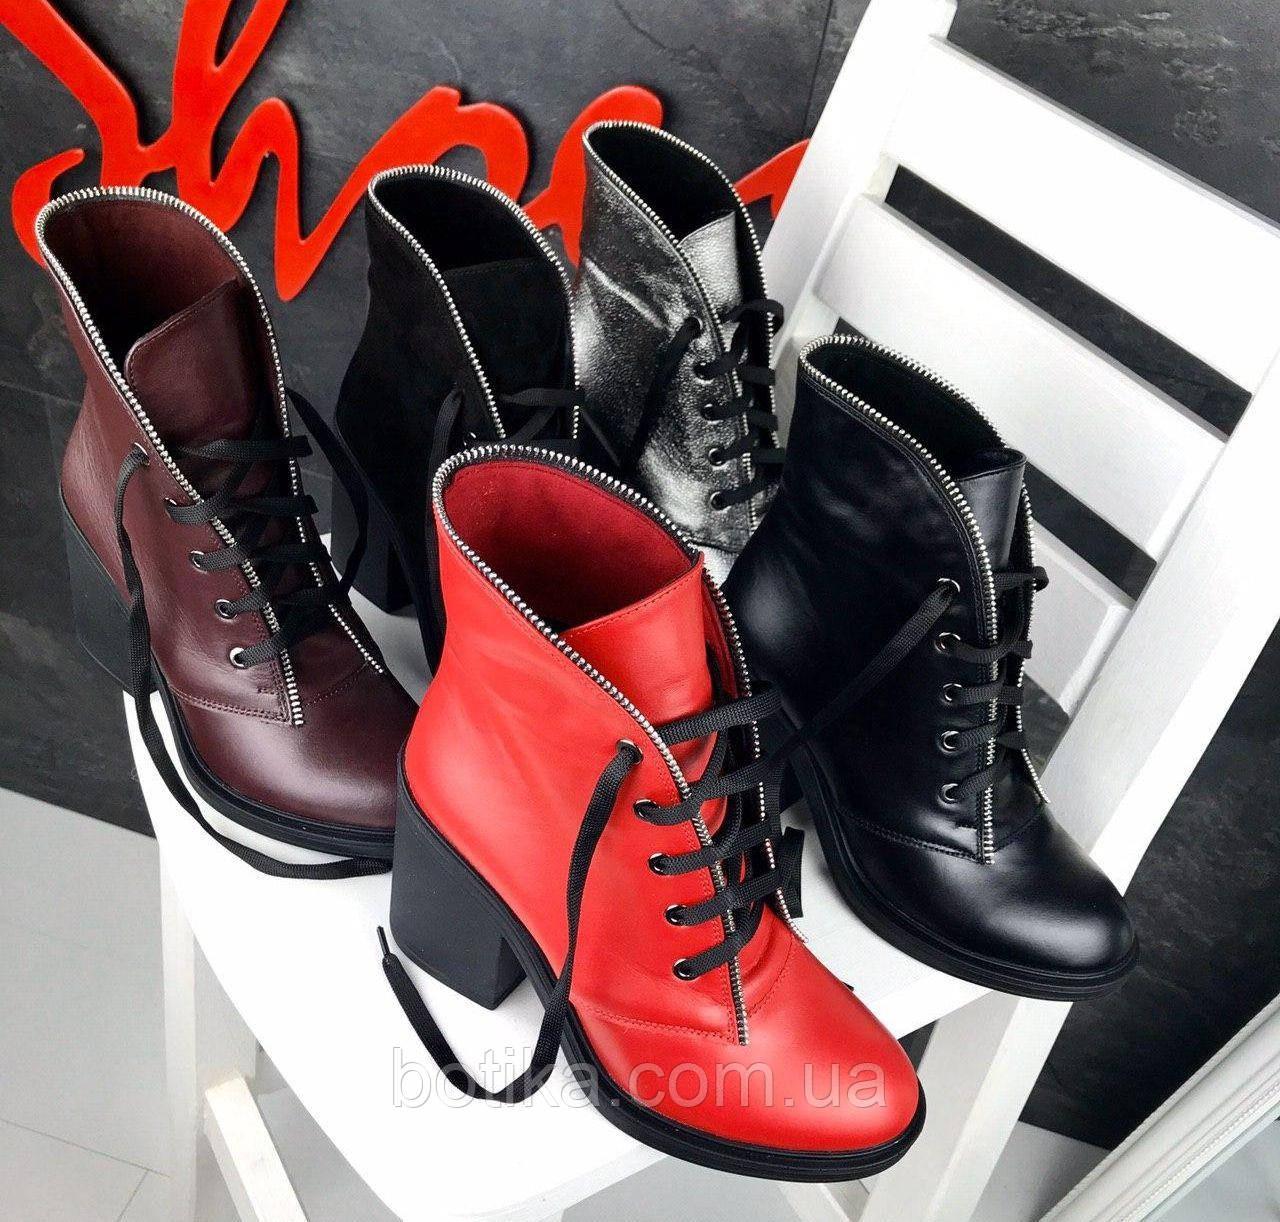 Элегантные демисезонные ботинки на каблуке кожаные ботильоны